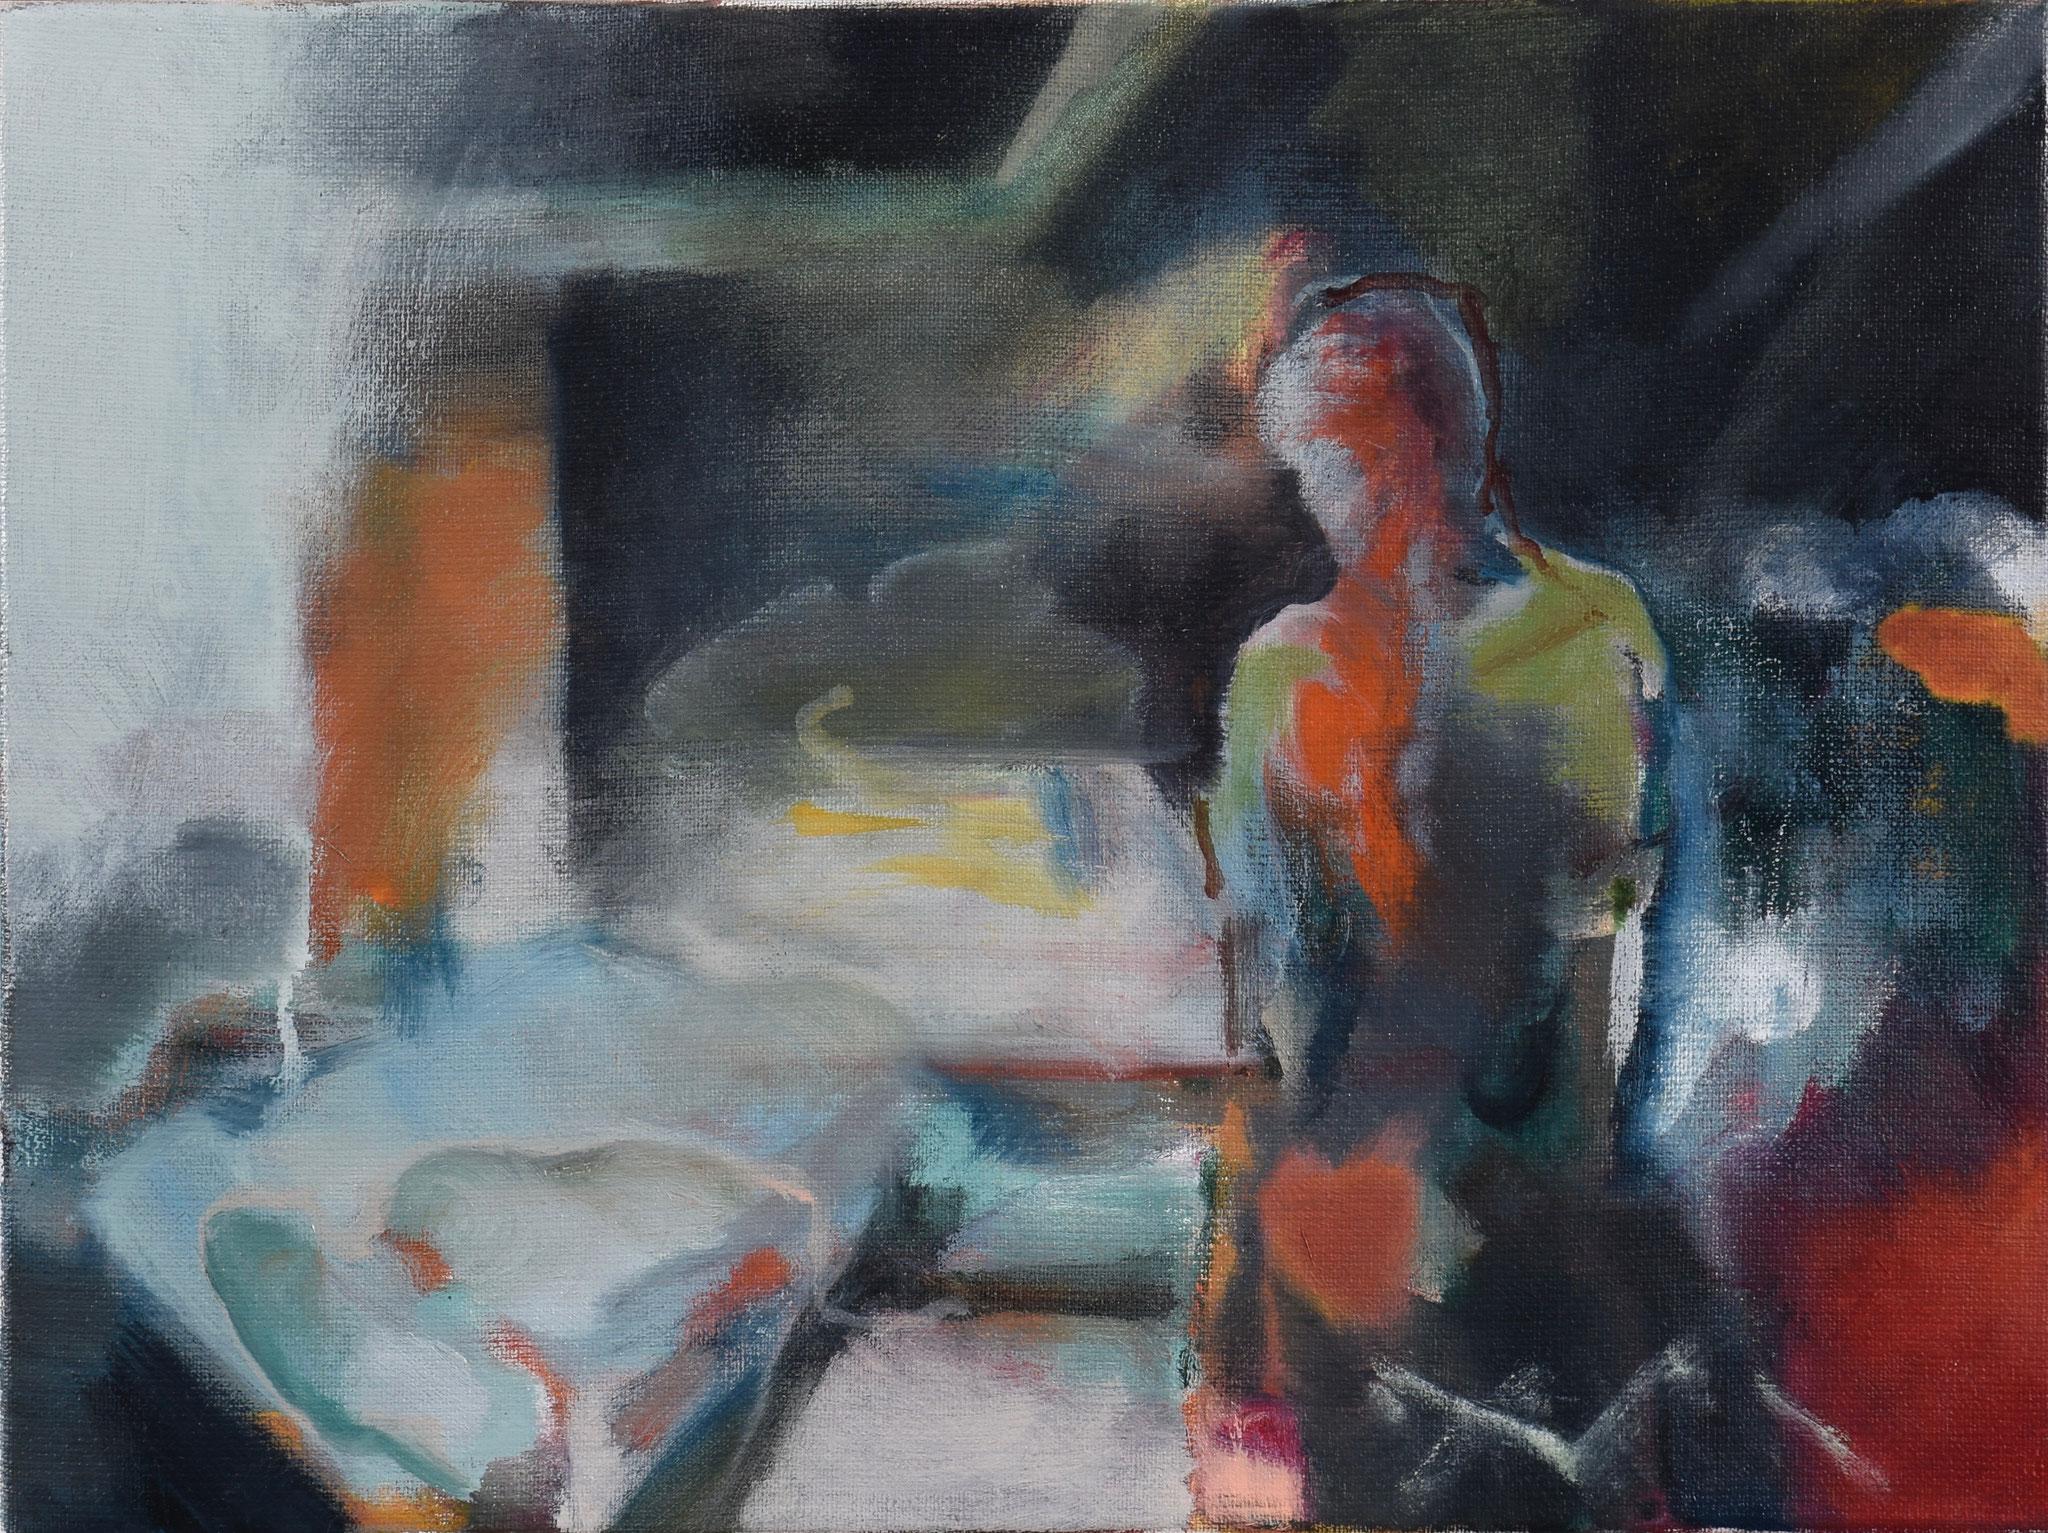 77  |  Ohne Titel  |  2020  |  Öl auf Leinwand  |  30 x40 cm